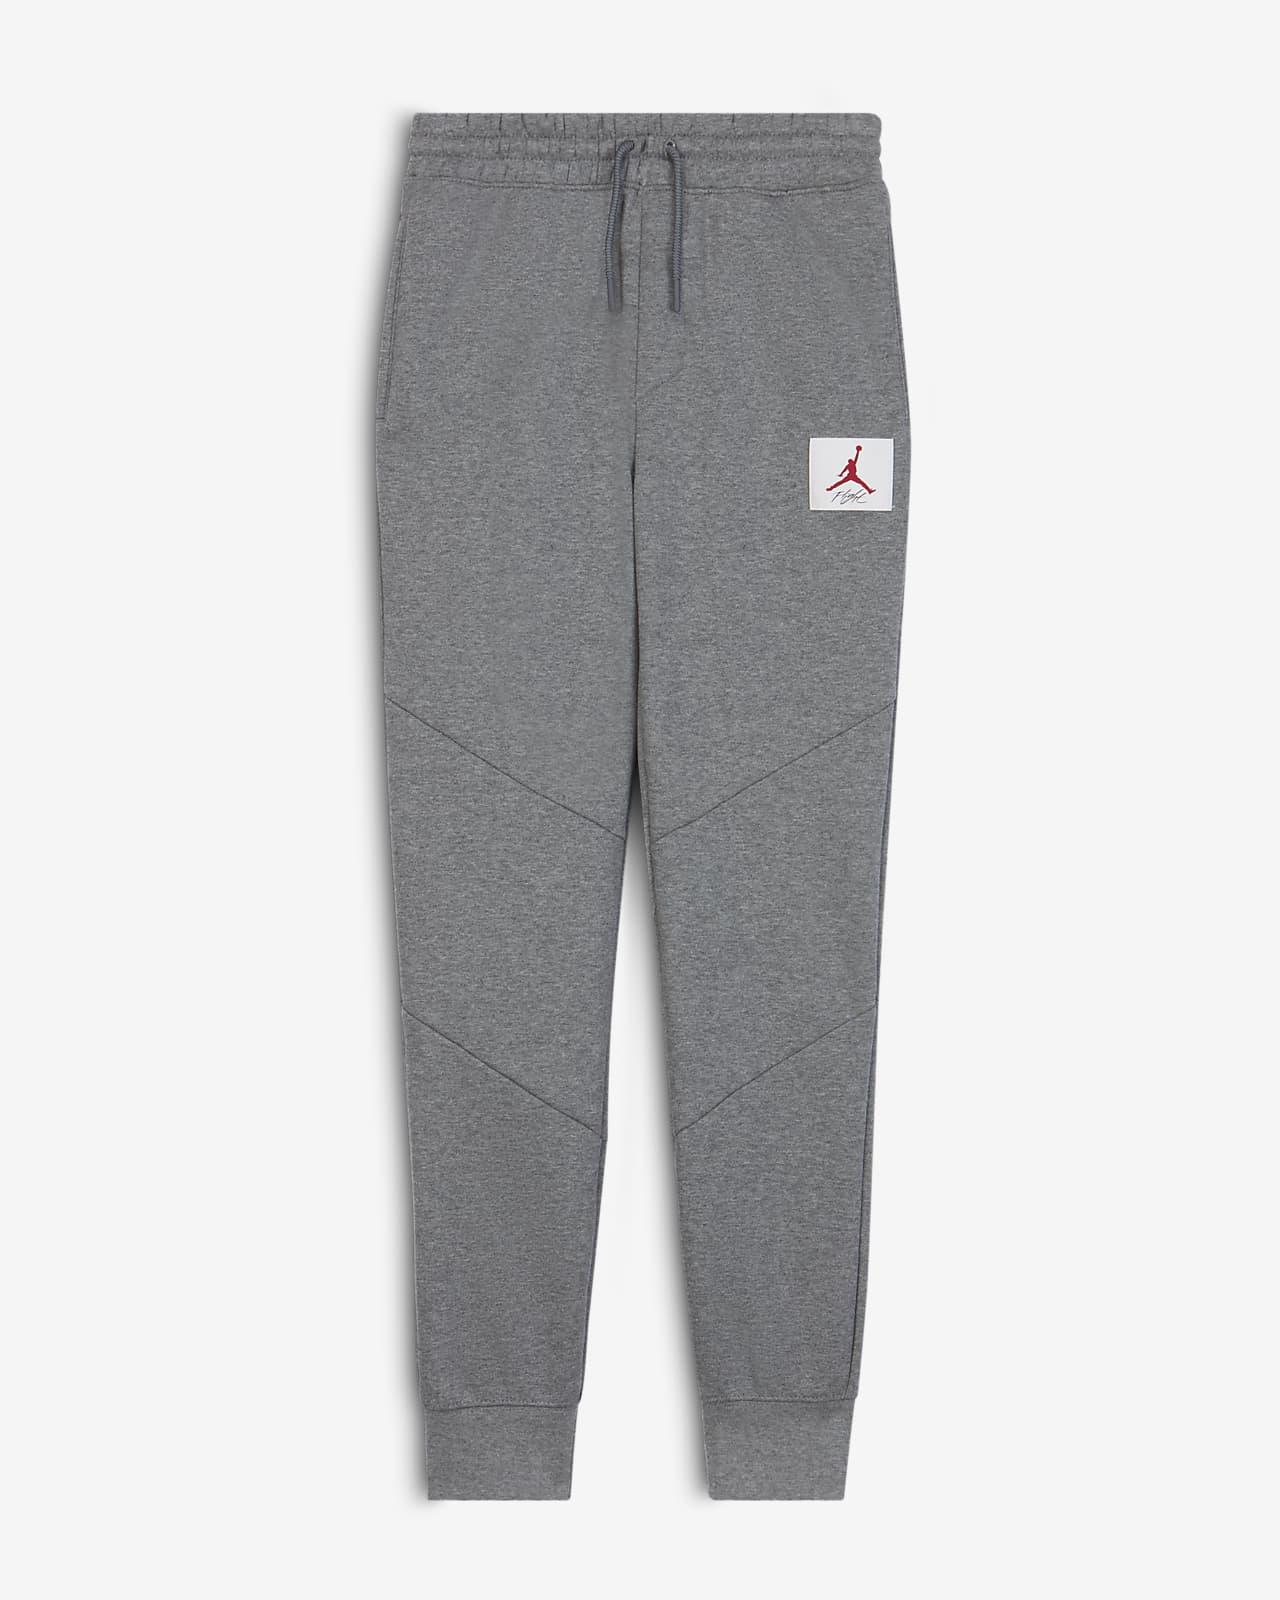 Παντελόνι Jordan για μεγάλα αγόρια